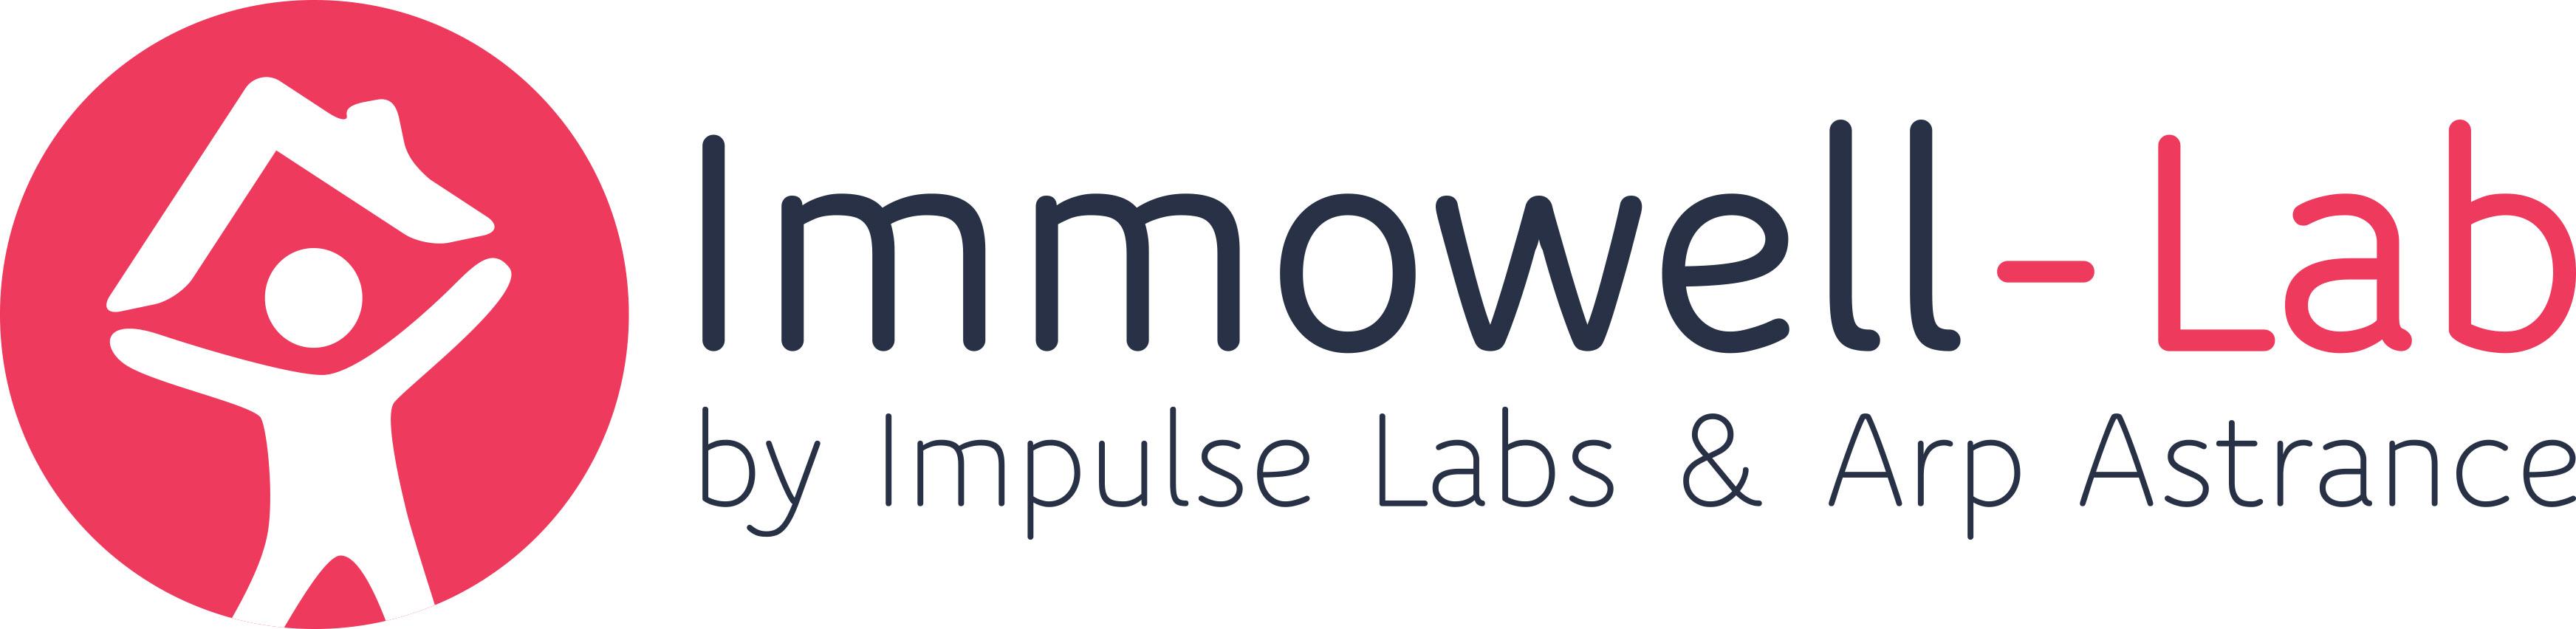 Immowell Lab AURA logo